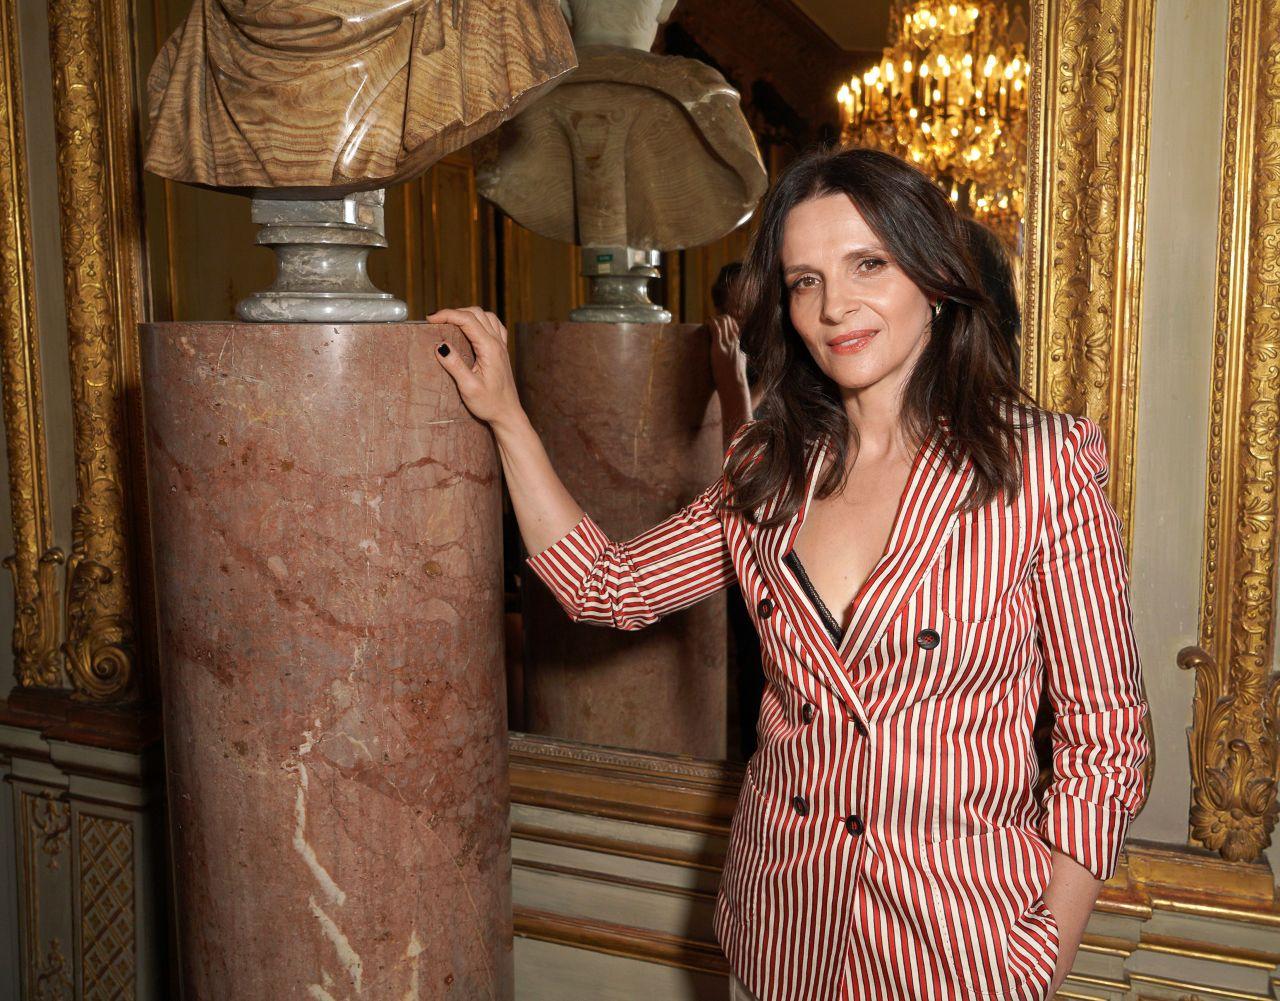 https://celebmafia.com/wp-content/uploads/2018/07/juliette-binoche-giorgio-armani-prive-fashion-show-in-paris-07-03-2018-1.jpg